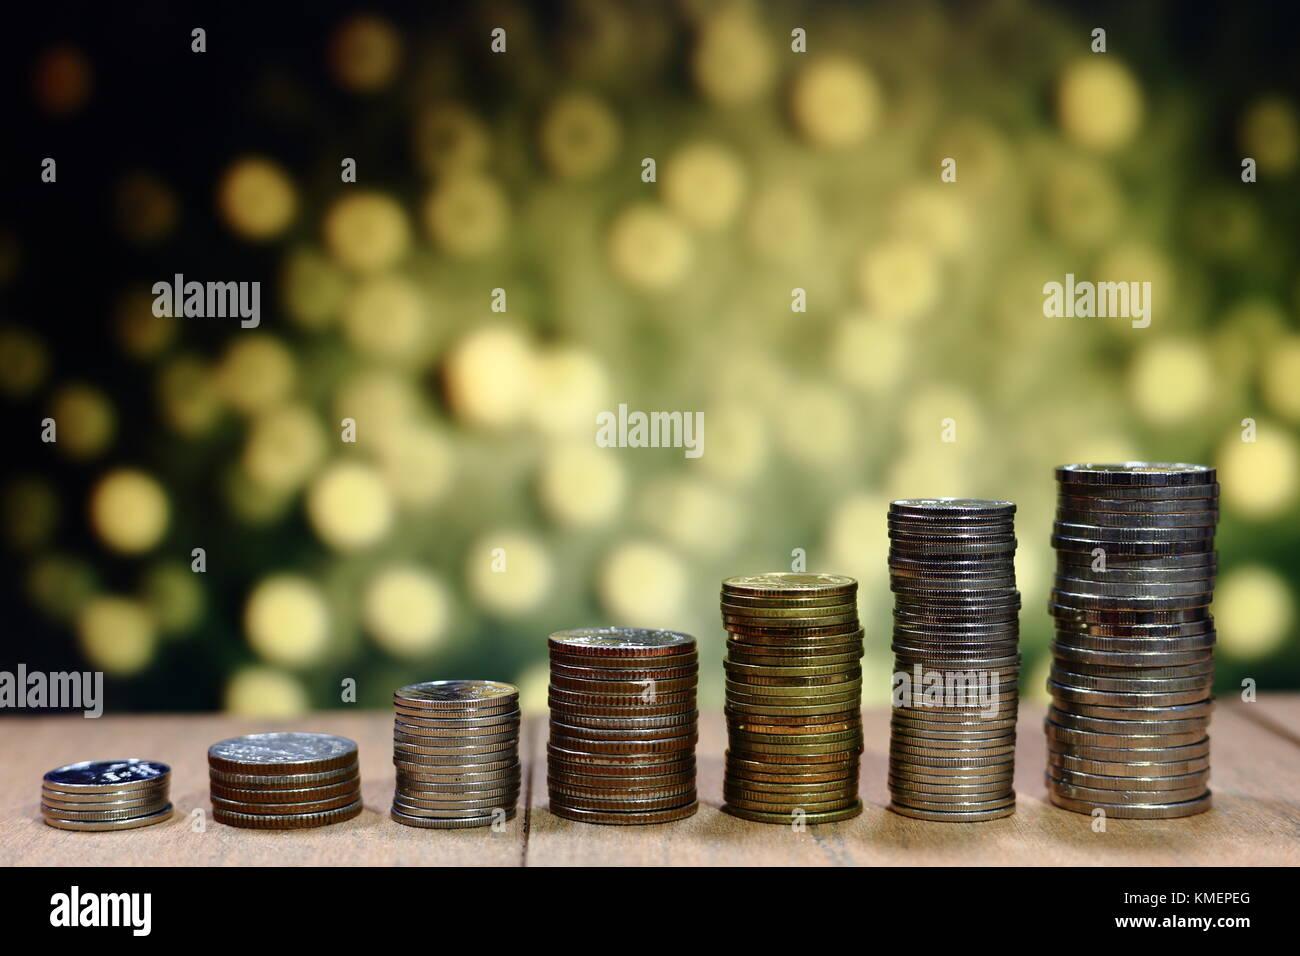 Pila de monedas para aumentar gráfico patrón. El crecimiento empresarial concepto. amarillo anaranjado Imagen De Stock